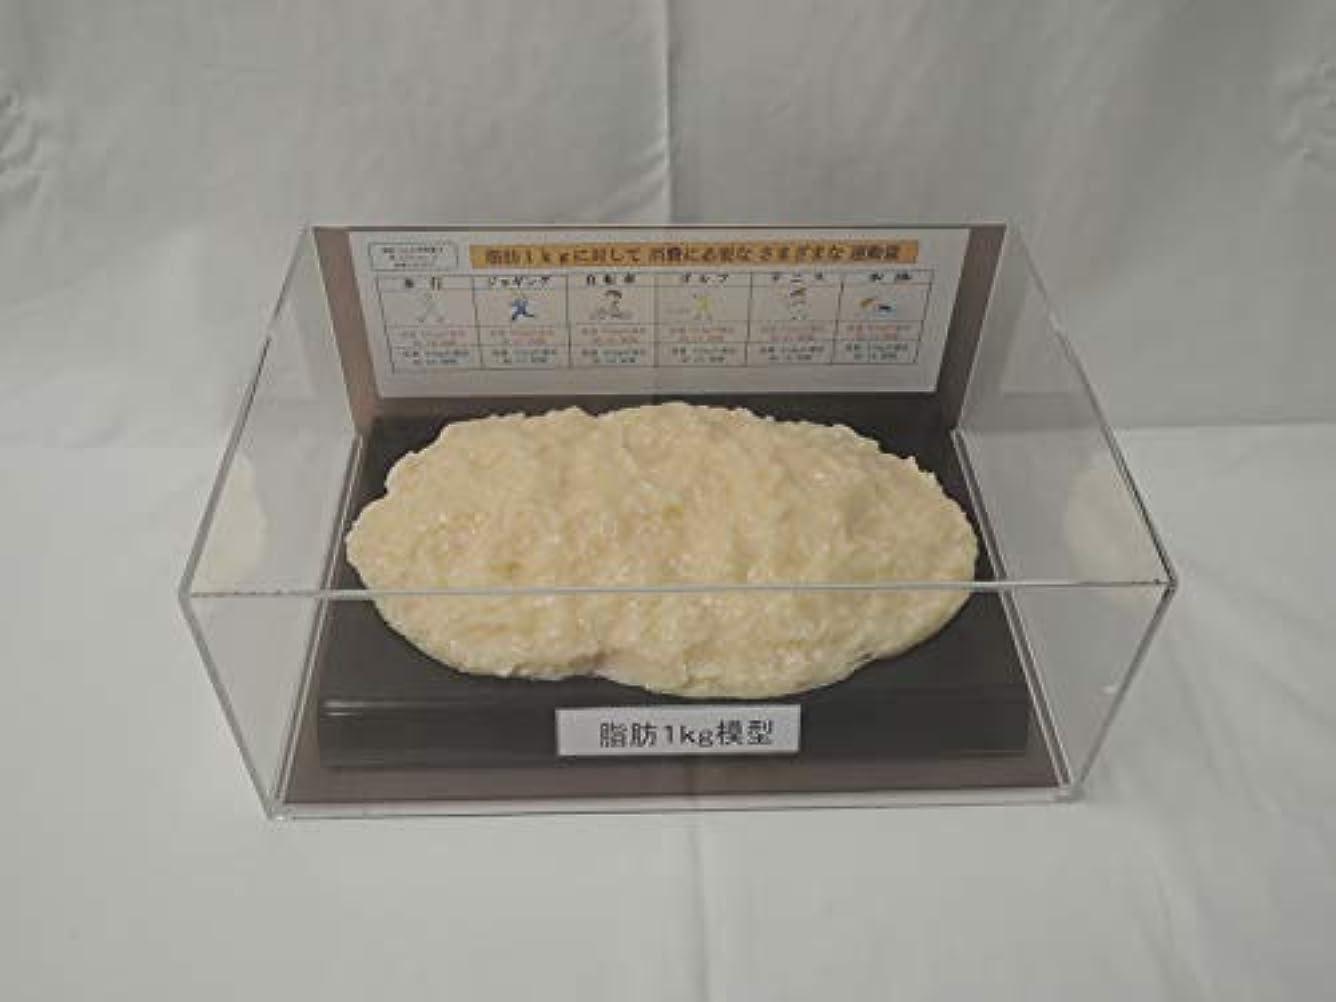 ロードハウススワップ探す脂肪模型 フィギアケース入 1kg ダイエット 健康 肥満 トレーニング フードモデル 食品サンプル